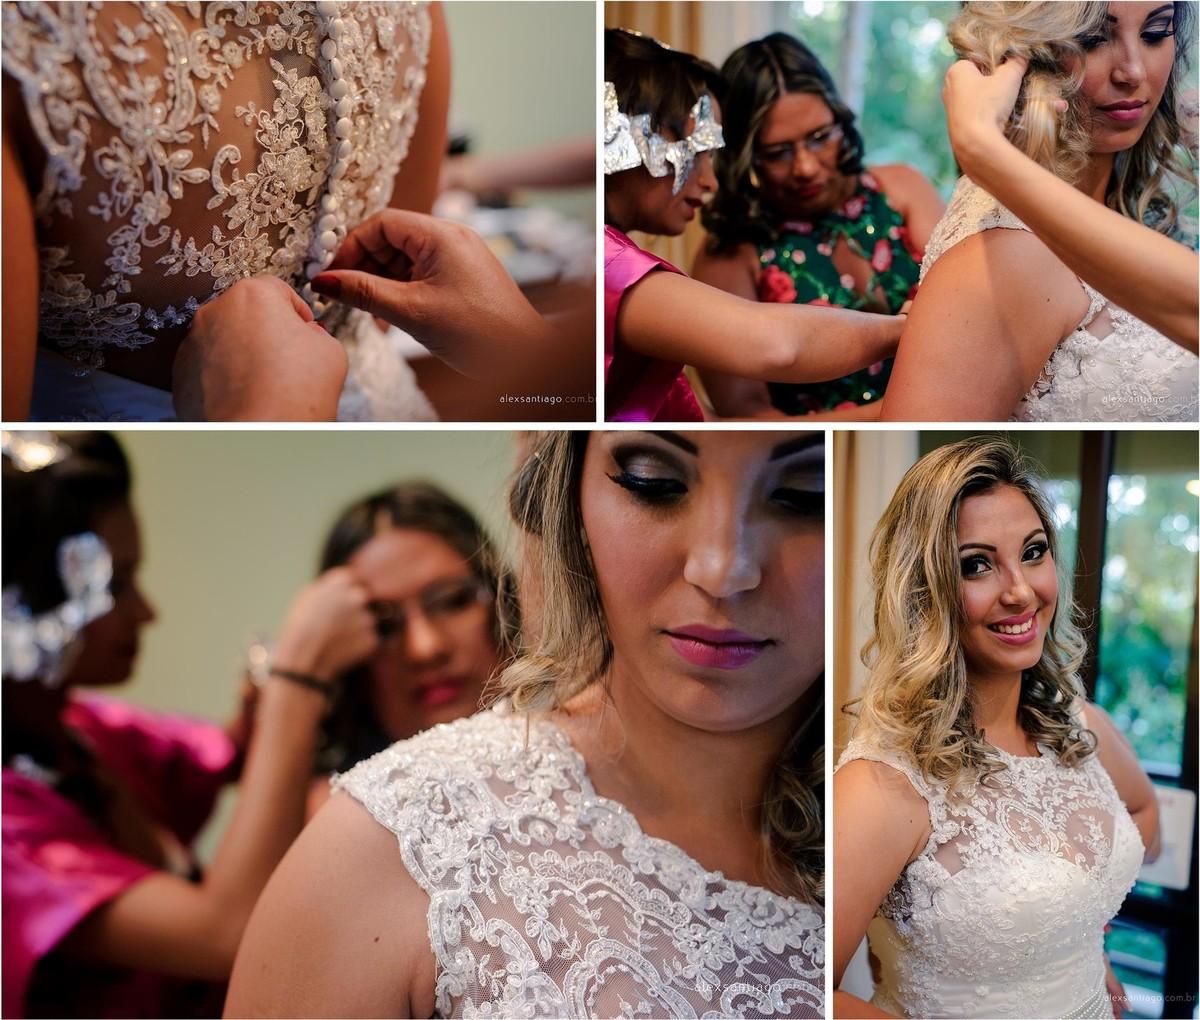 vestido da noiva em renda, casar com cabelo solto, making of noiva, maquiagem noiva, maquiadora angra dos reis